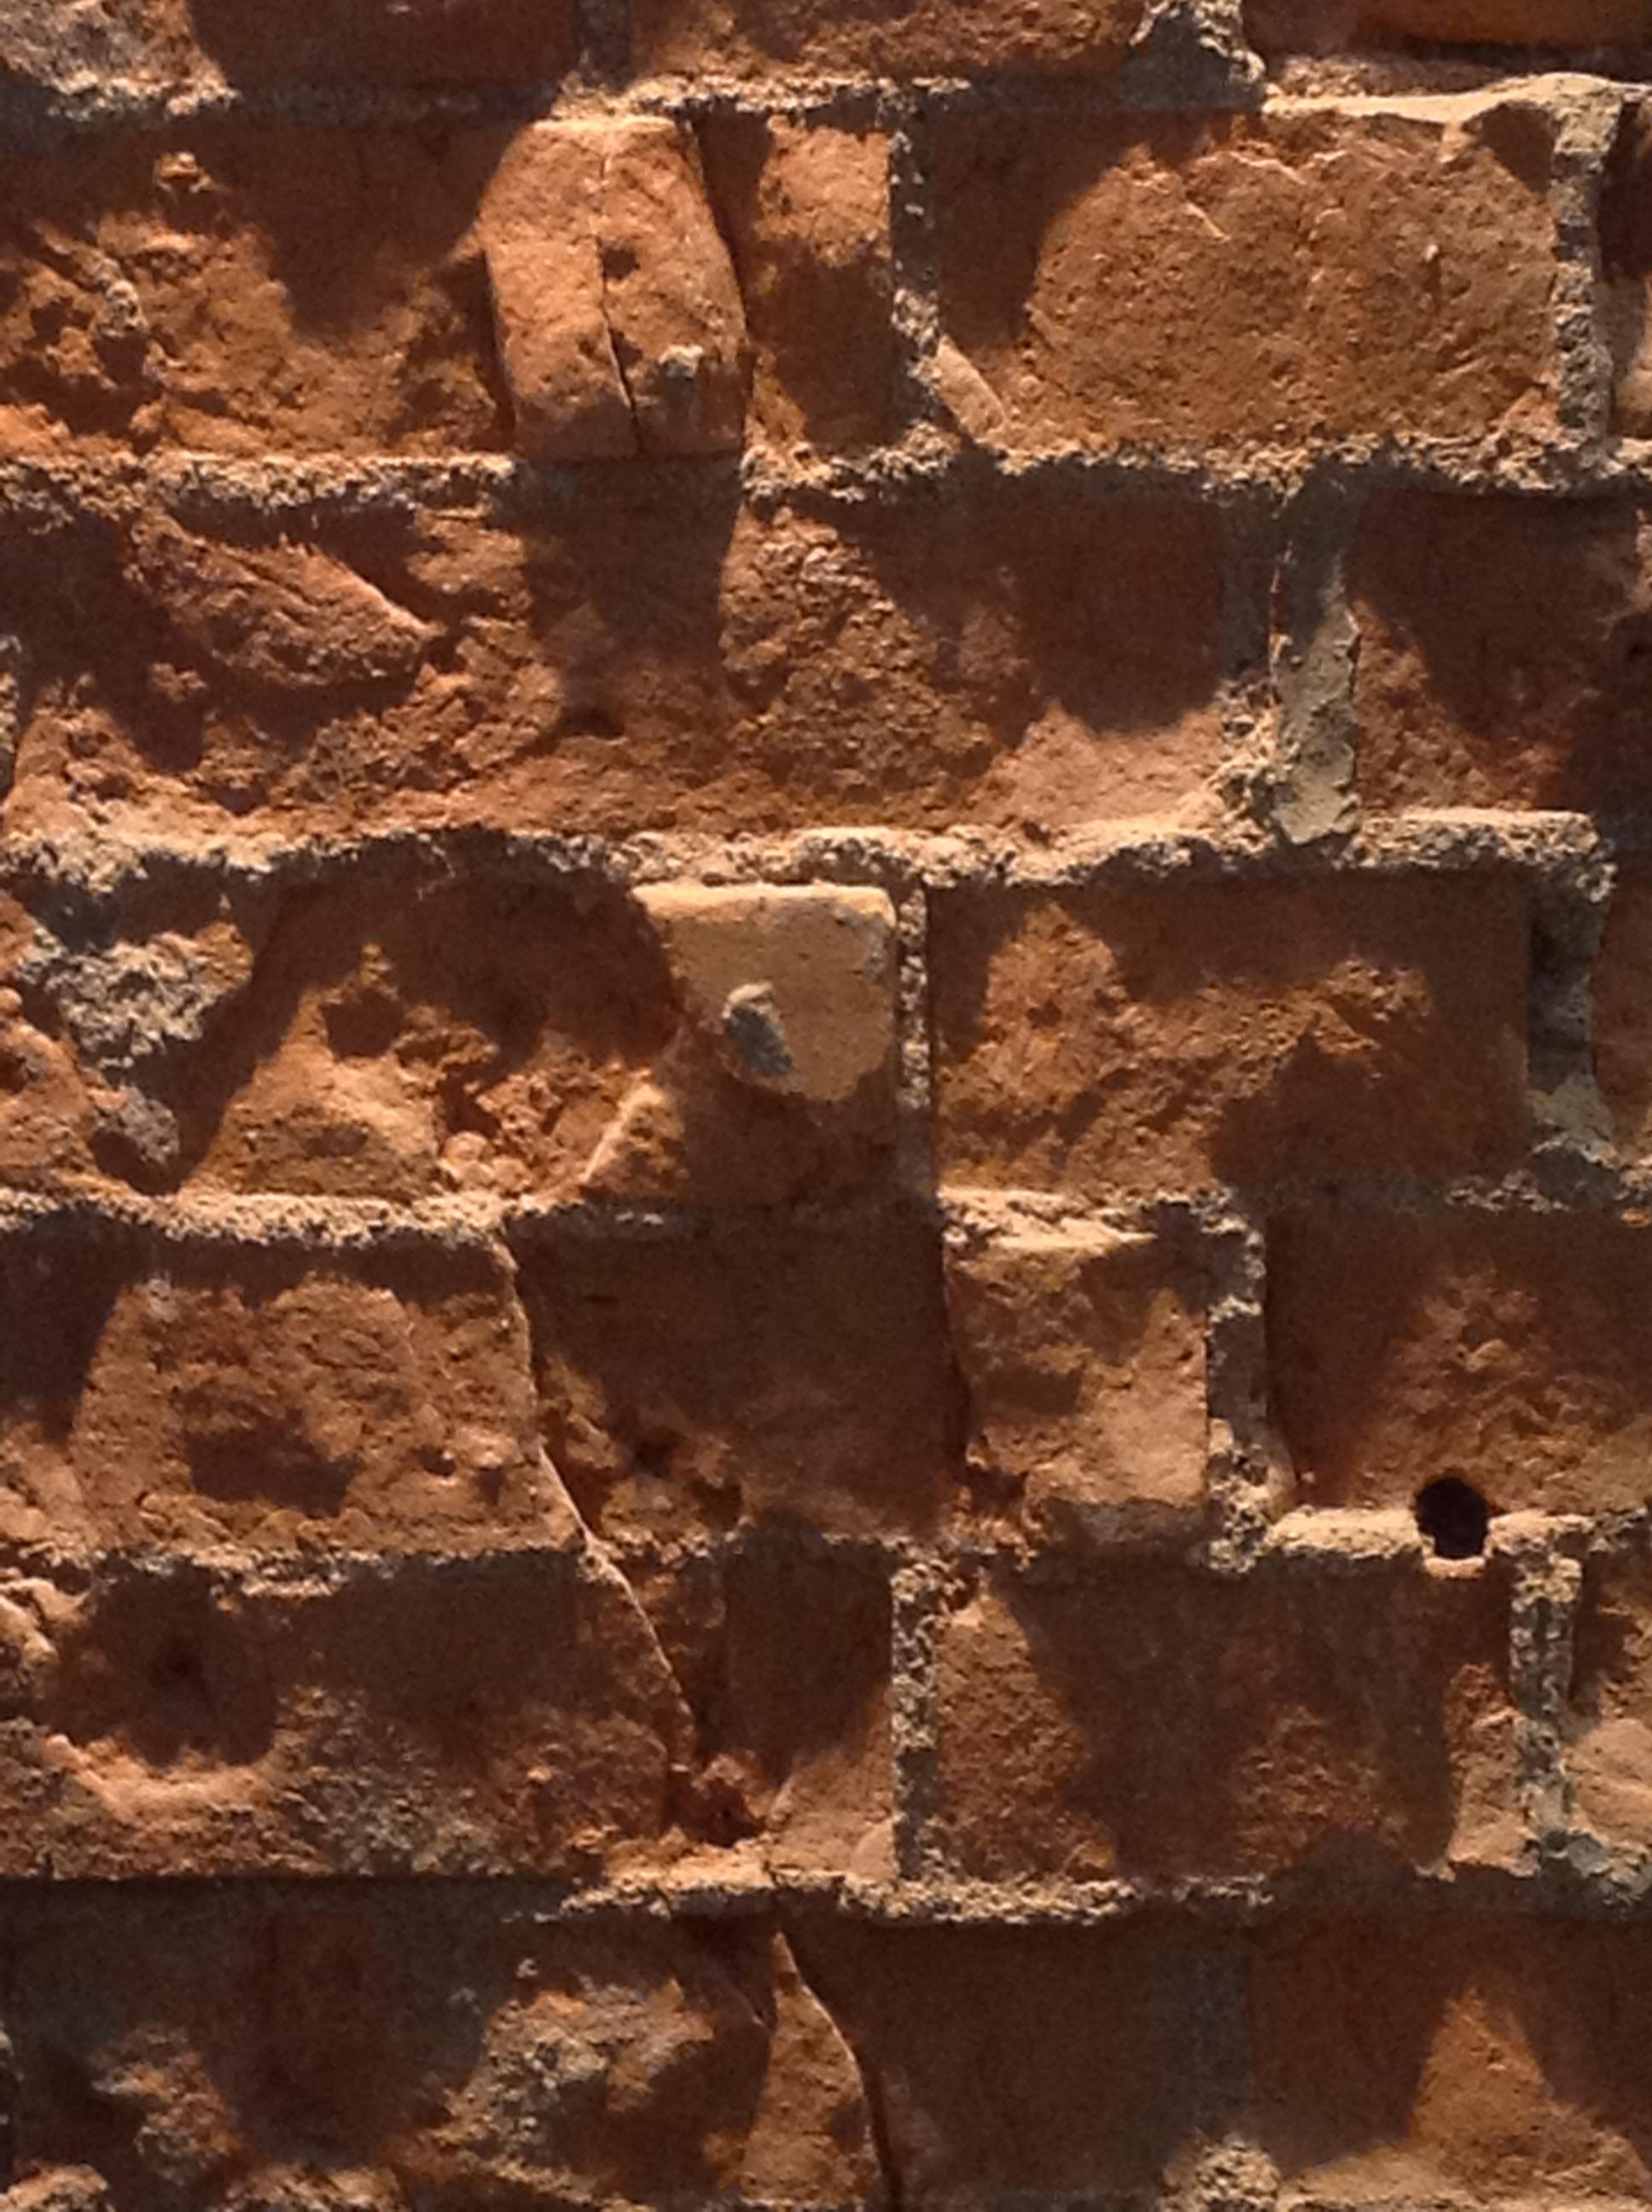 f:id:HAL9000-esper:20121028094656j:image:w360